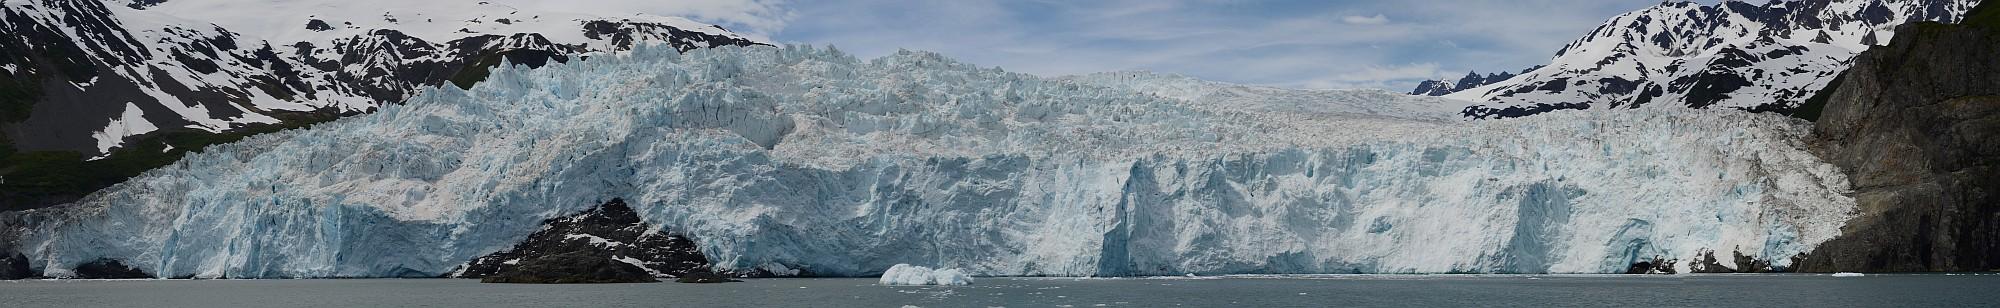 Aialik-Gletscher Panorama